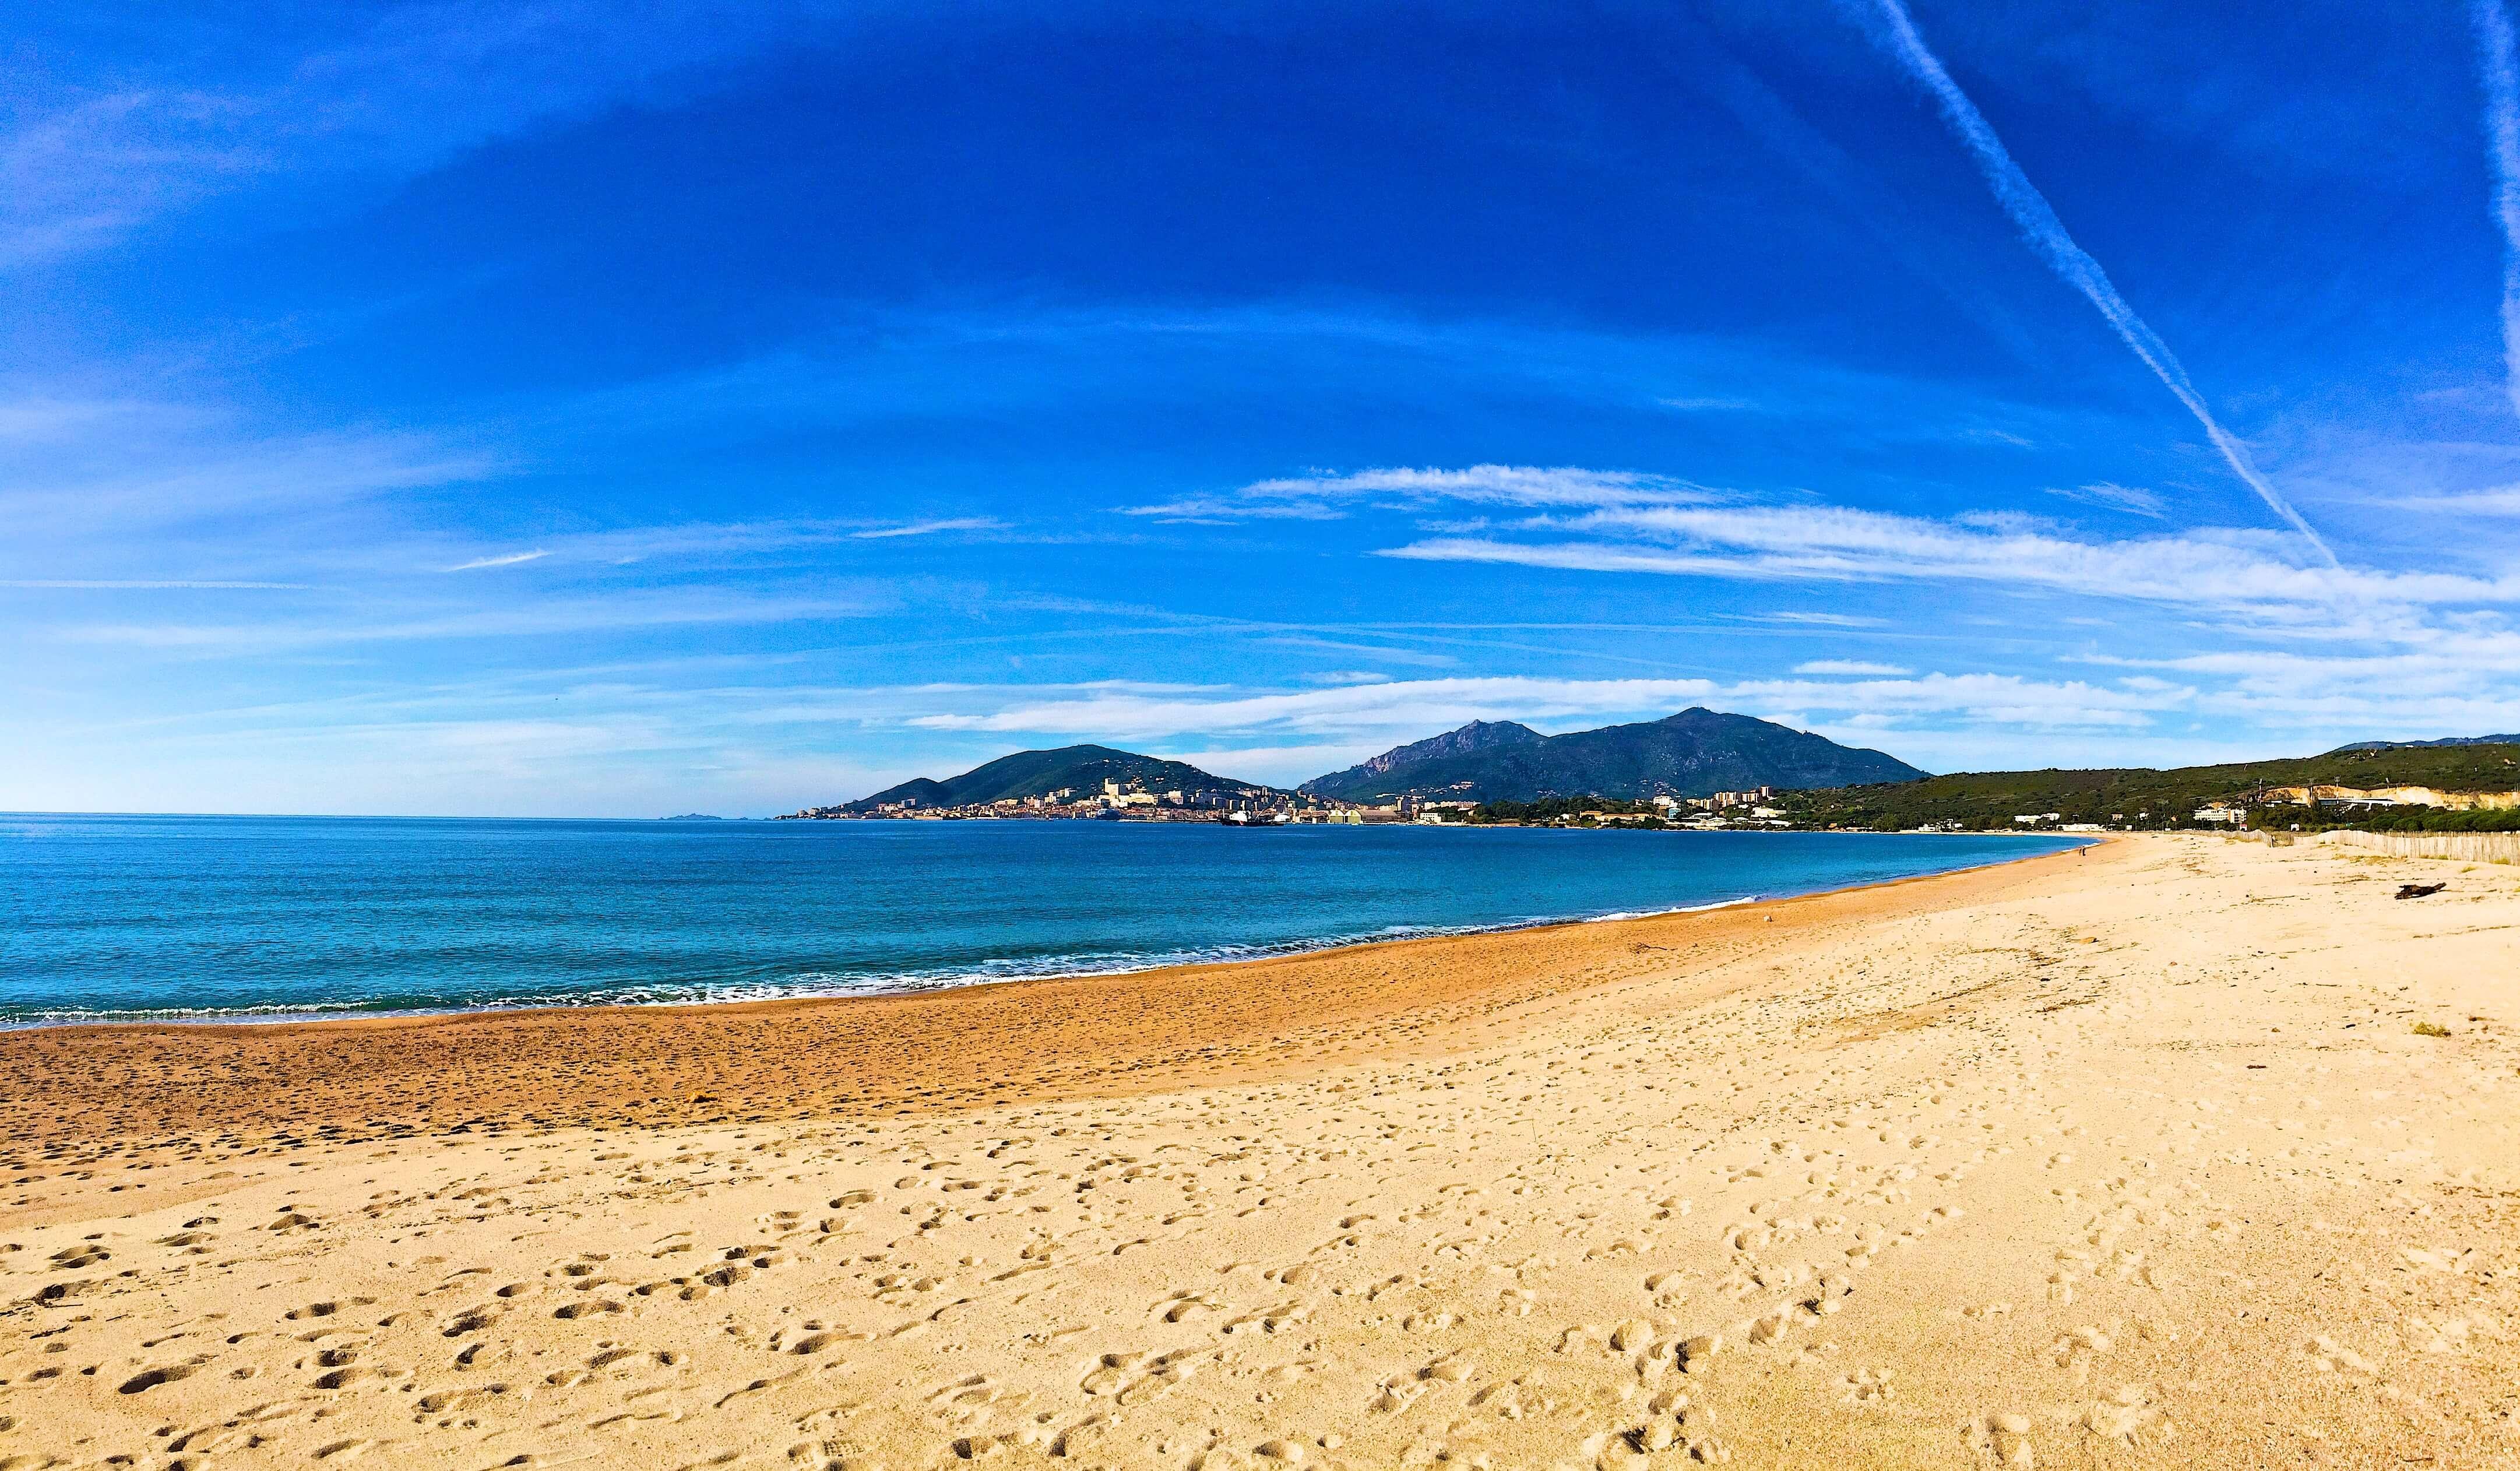 Que faire à Ajaccio si on est adepte de vacances en bord de mer ? Profiter du soleil sur l'une de ses nombreuses et magnifiques plages.